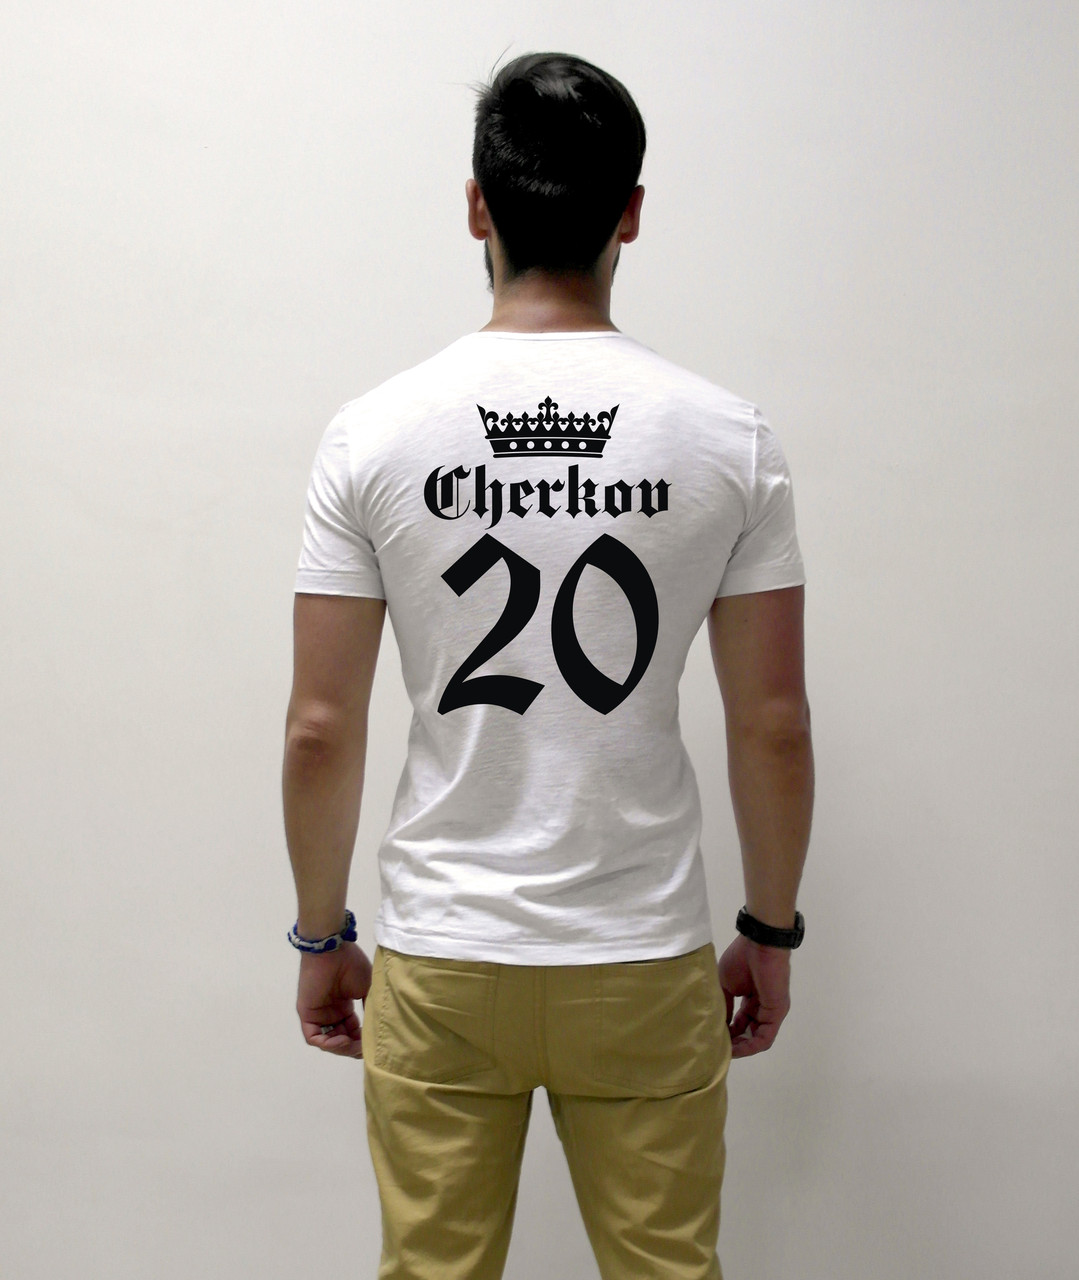 имя на футболках в картинках словам фёдора, она